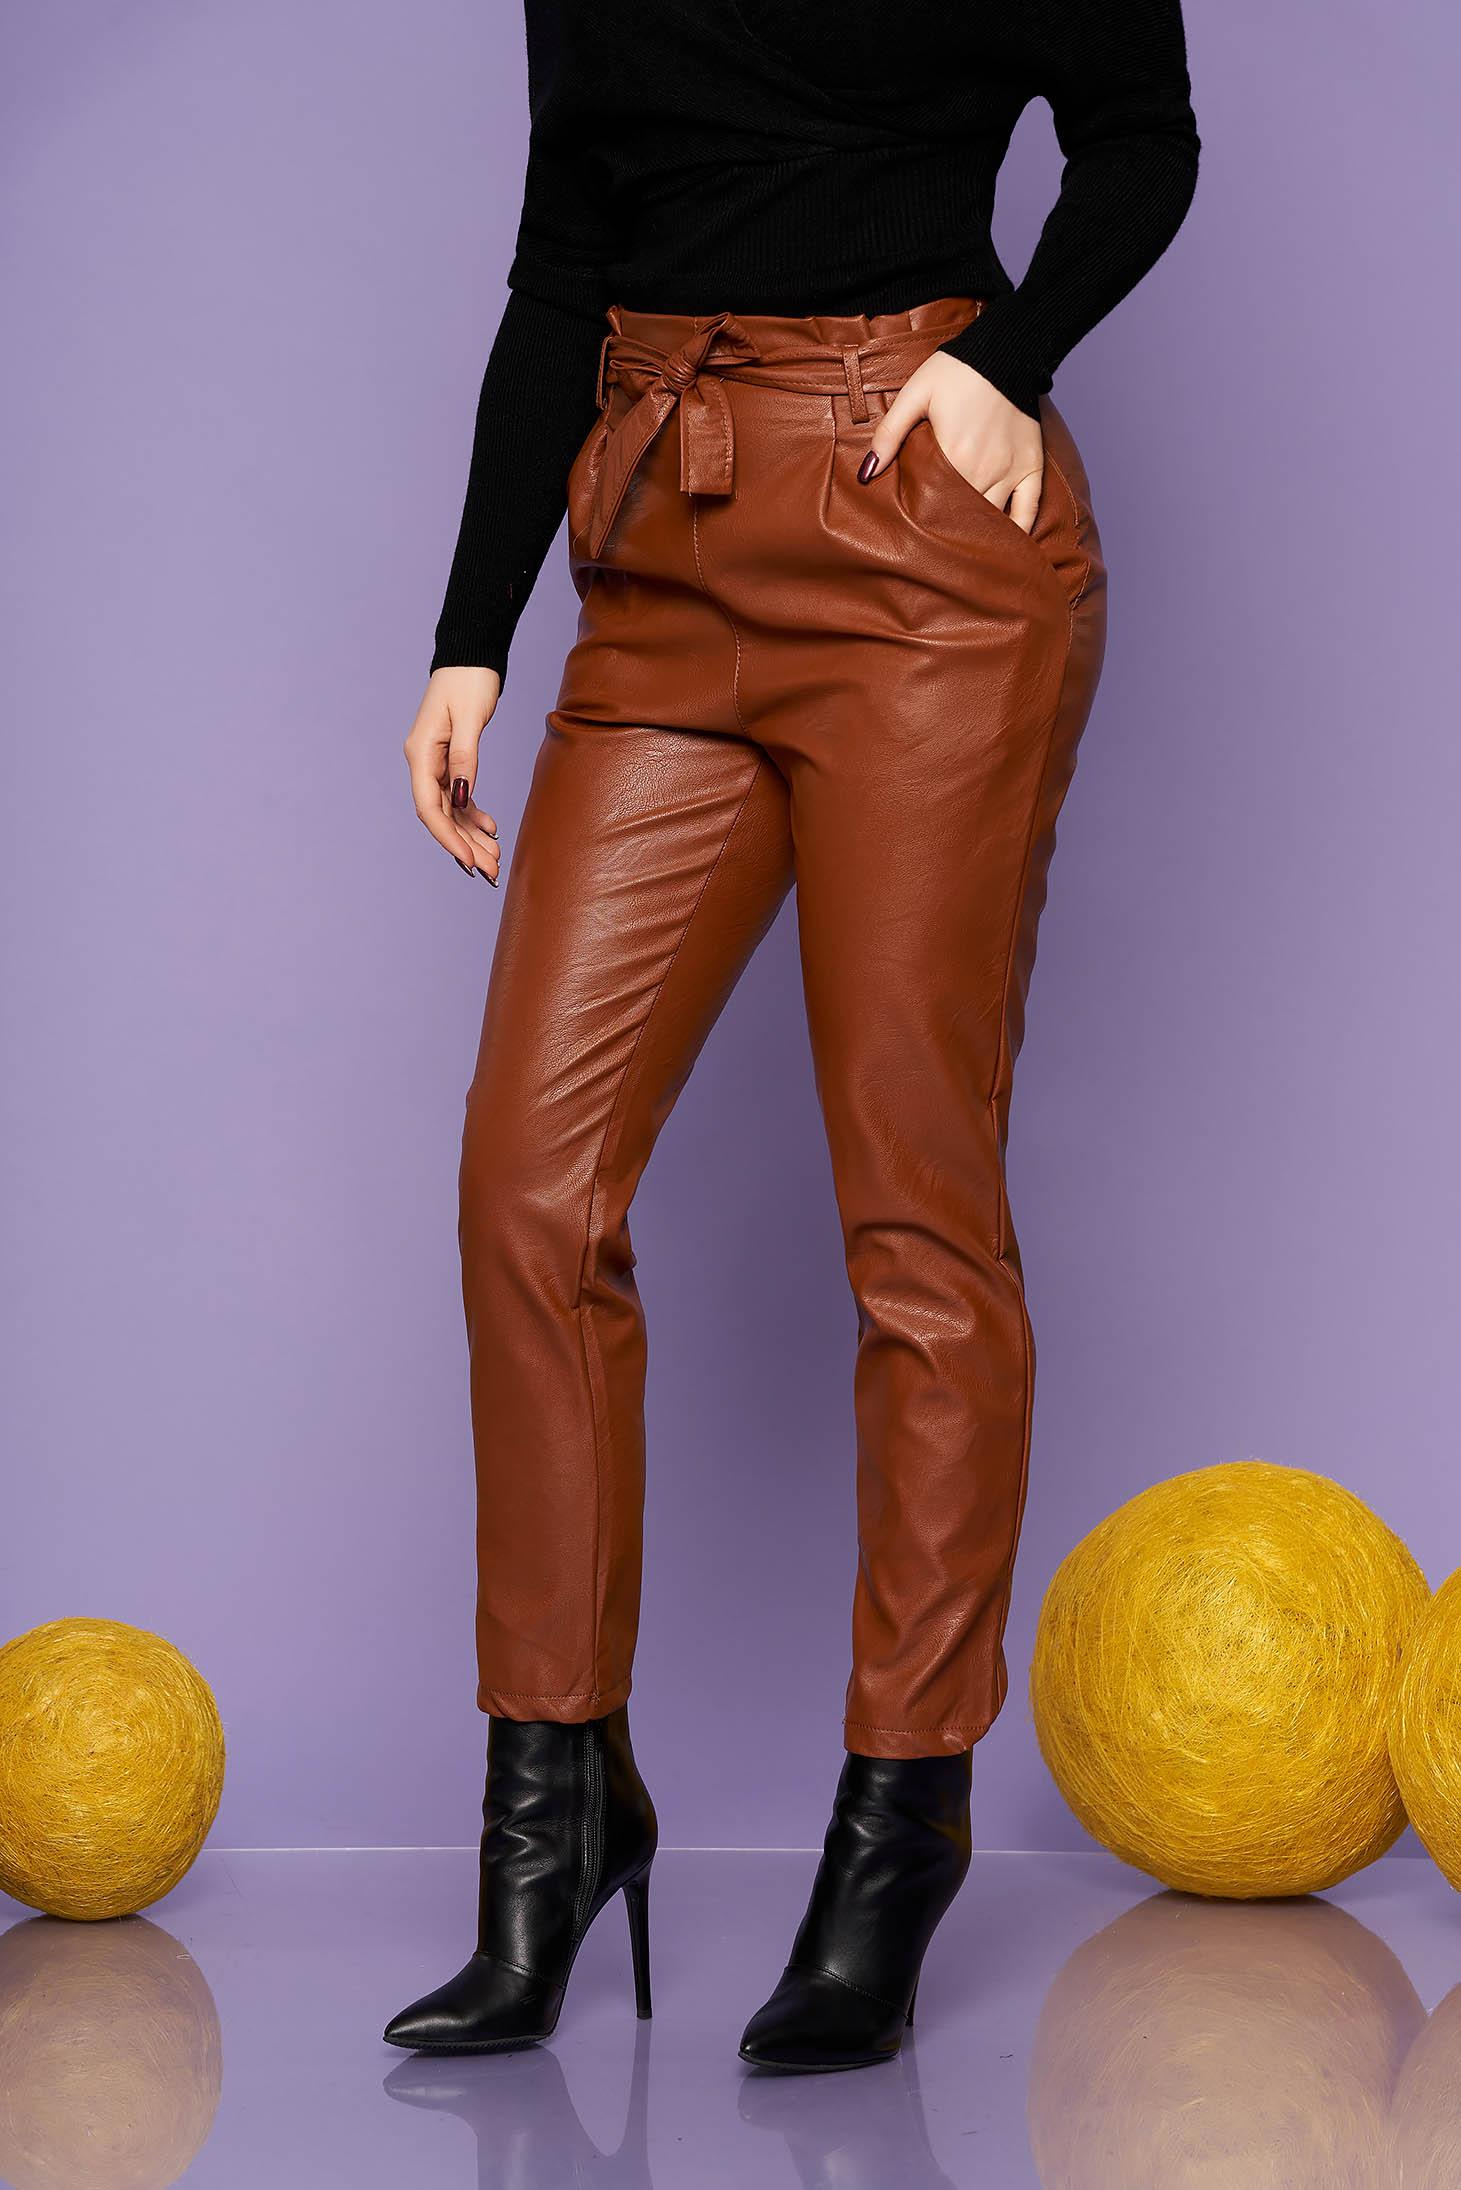 Pantaloni SunShine din piele ecologica maro casual conici cu talie inalta cu buzunare si accesorizati cu cordon